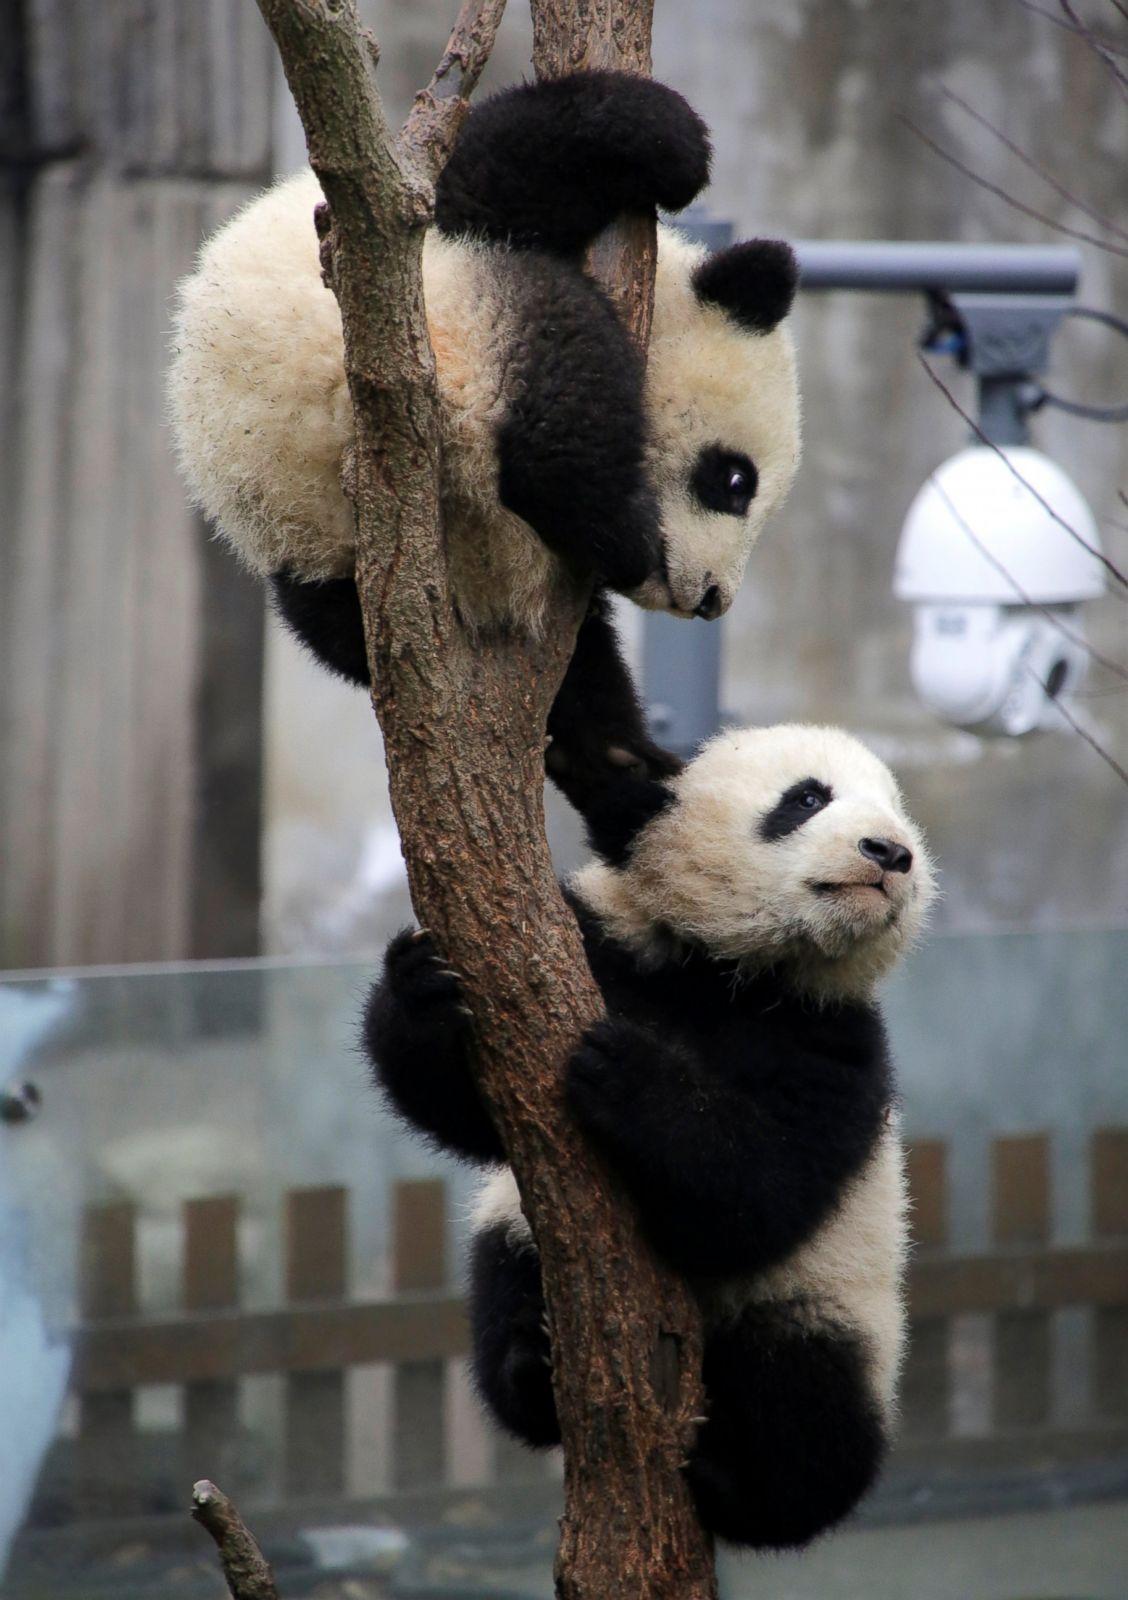 Baby animals photos baby animals ny daily news - Baby Animals Photos Baby Animals Ny Daily News 58